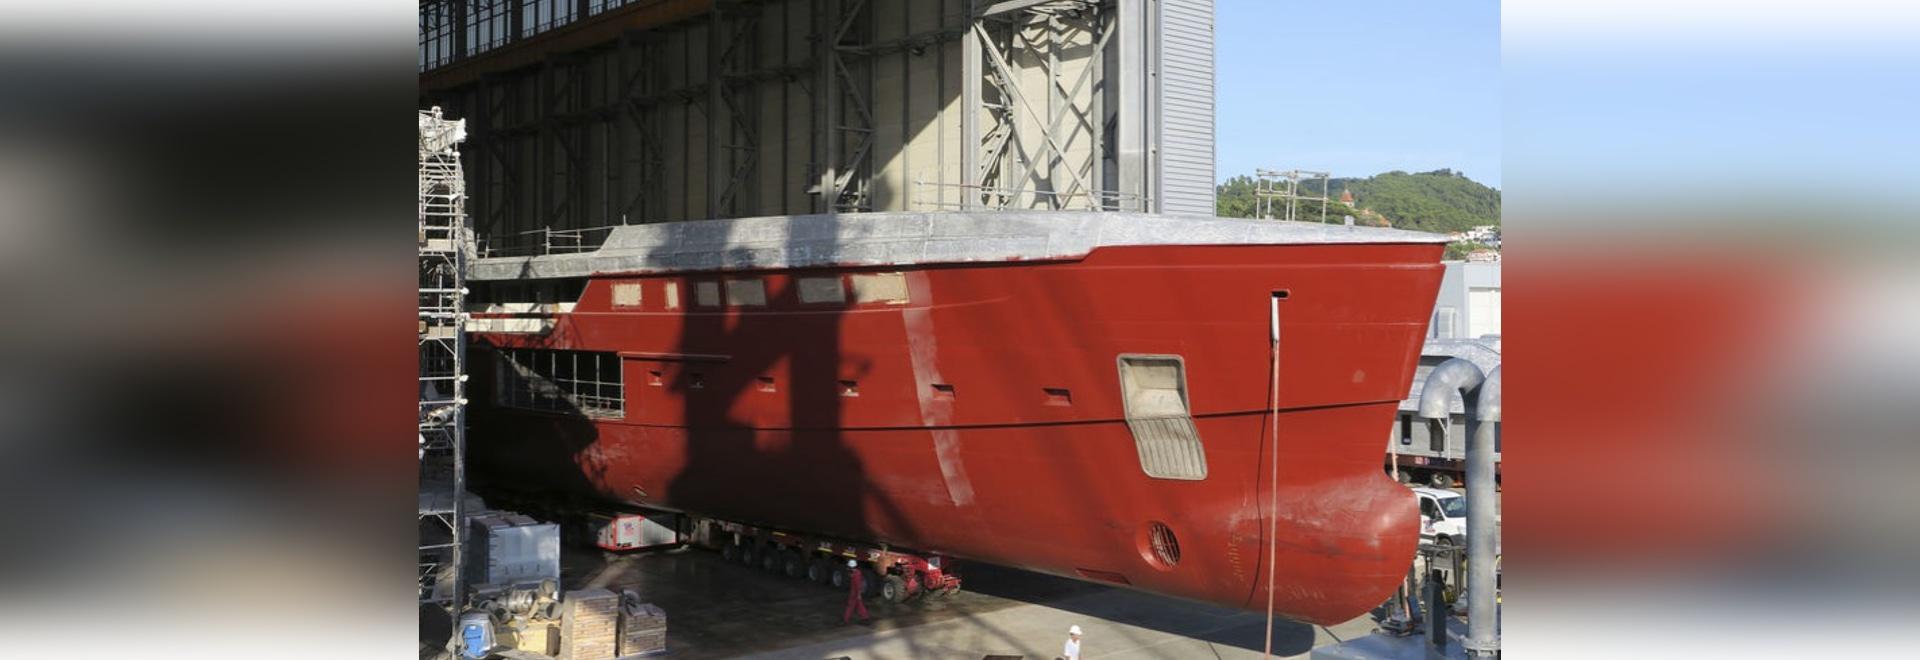 Sanlorenzo accoglie favorevolmente il nuovo superyacht 62Steel al cantiere navale di Spezia della La